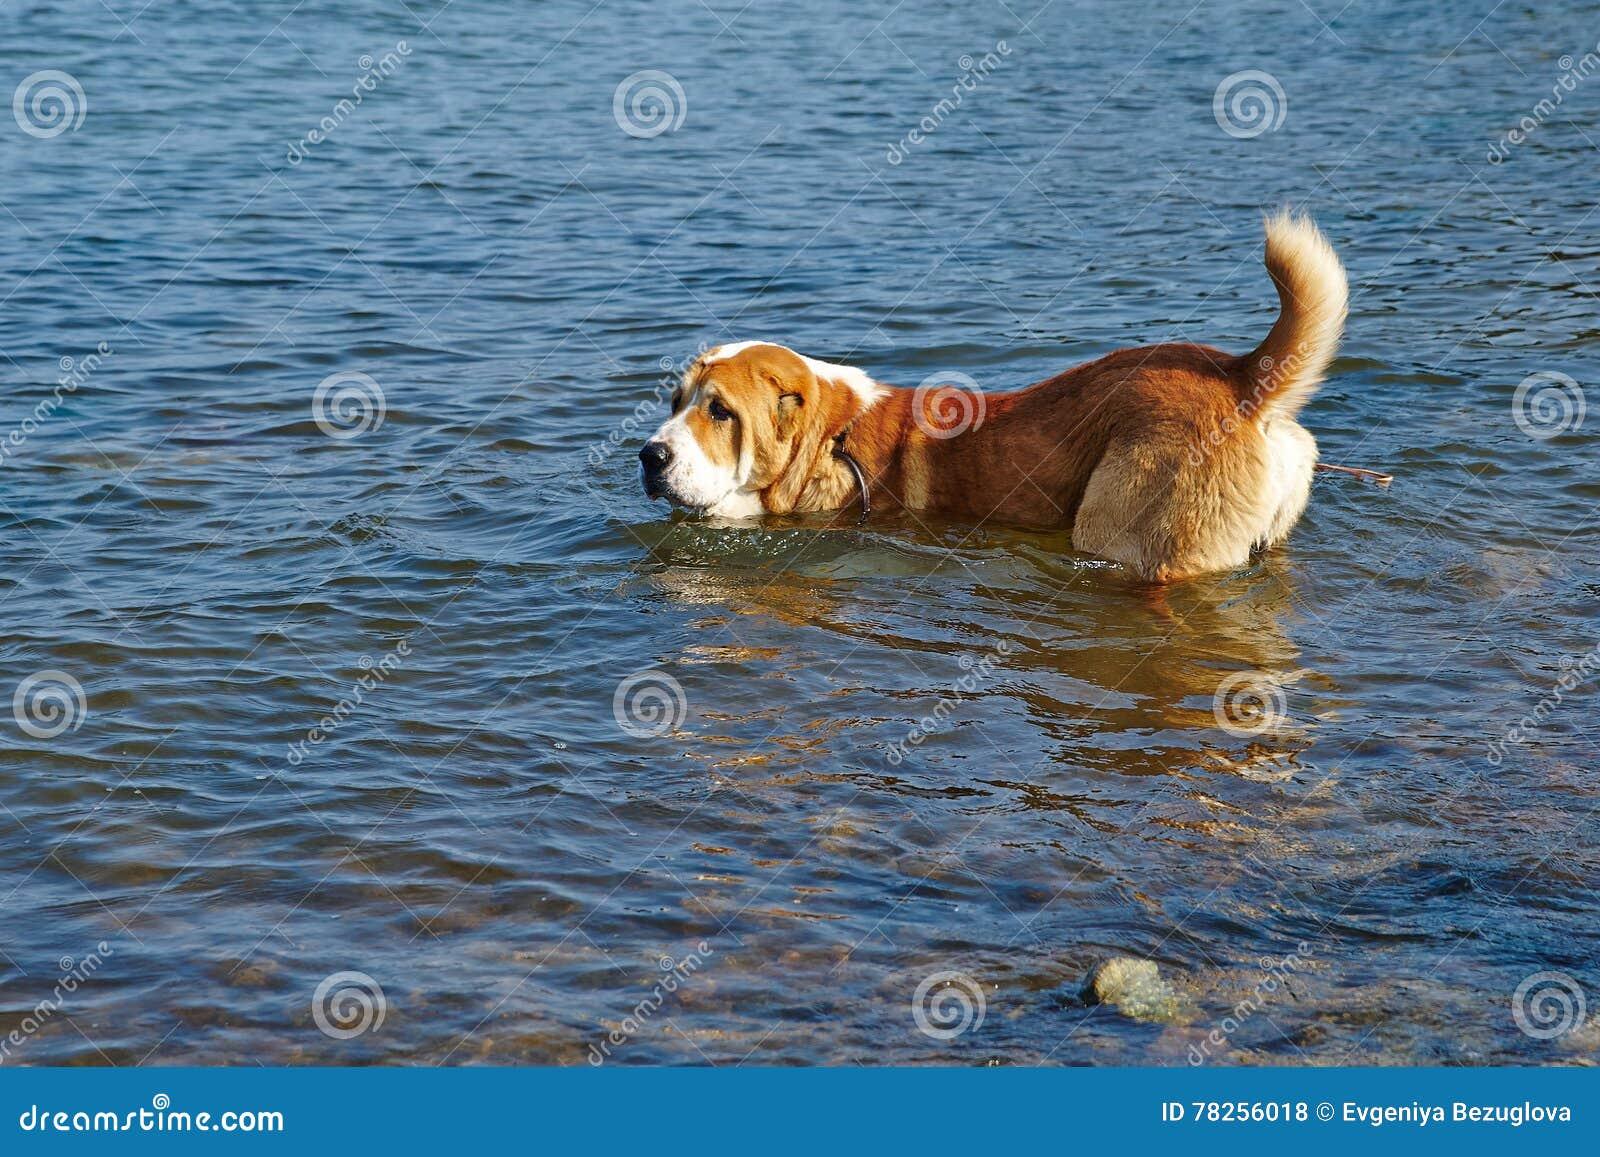 Το μεγάλο σκυλί κολυμπά στη θάλασσα